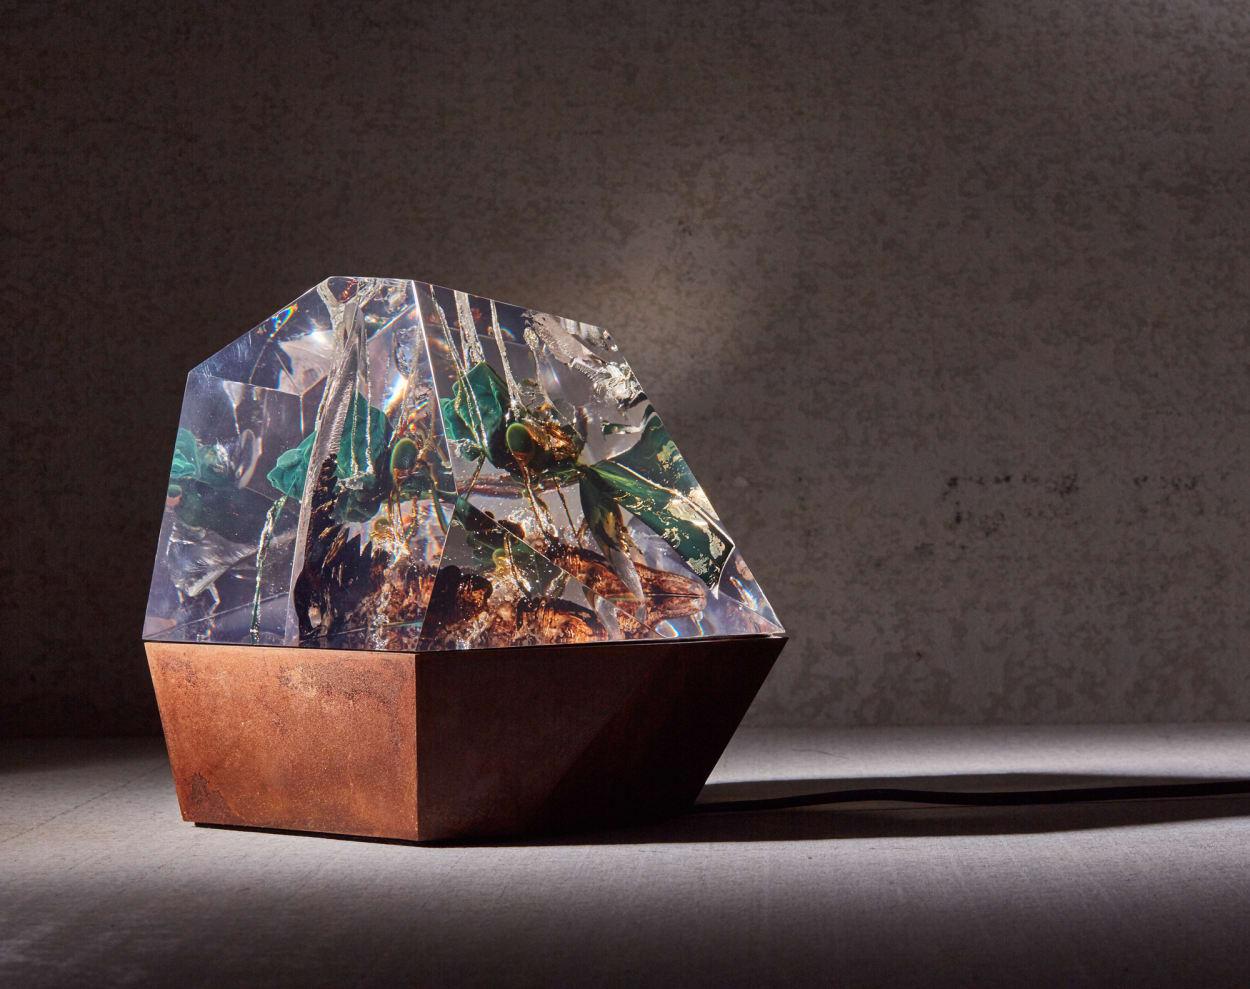 Tom Price, Tom Price Skulpturen, Tom Price Synthesis